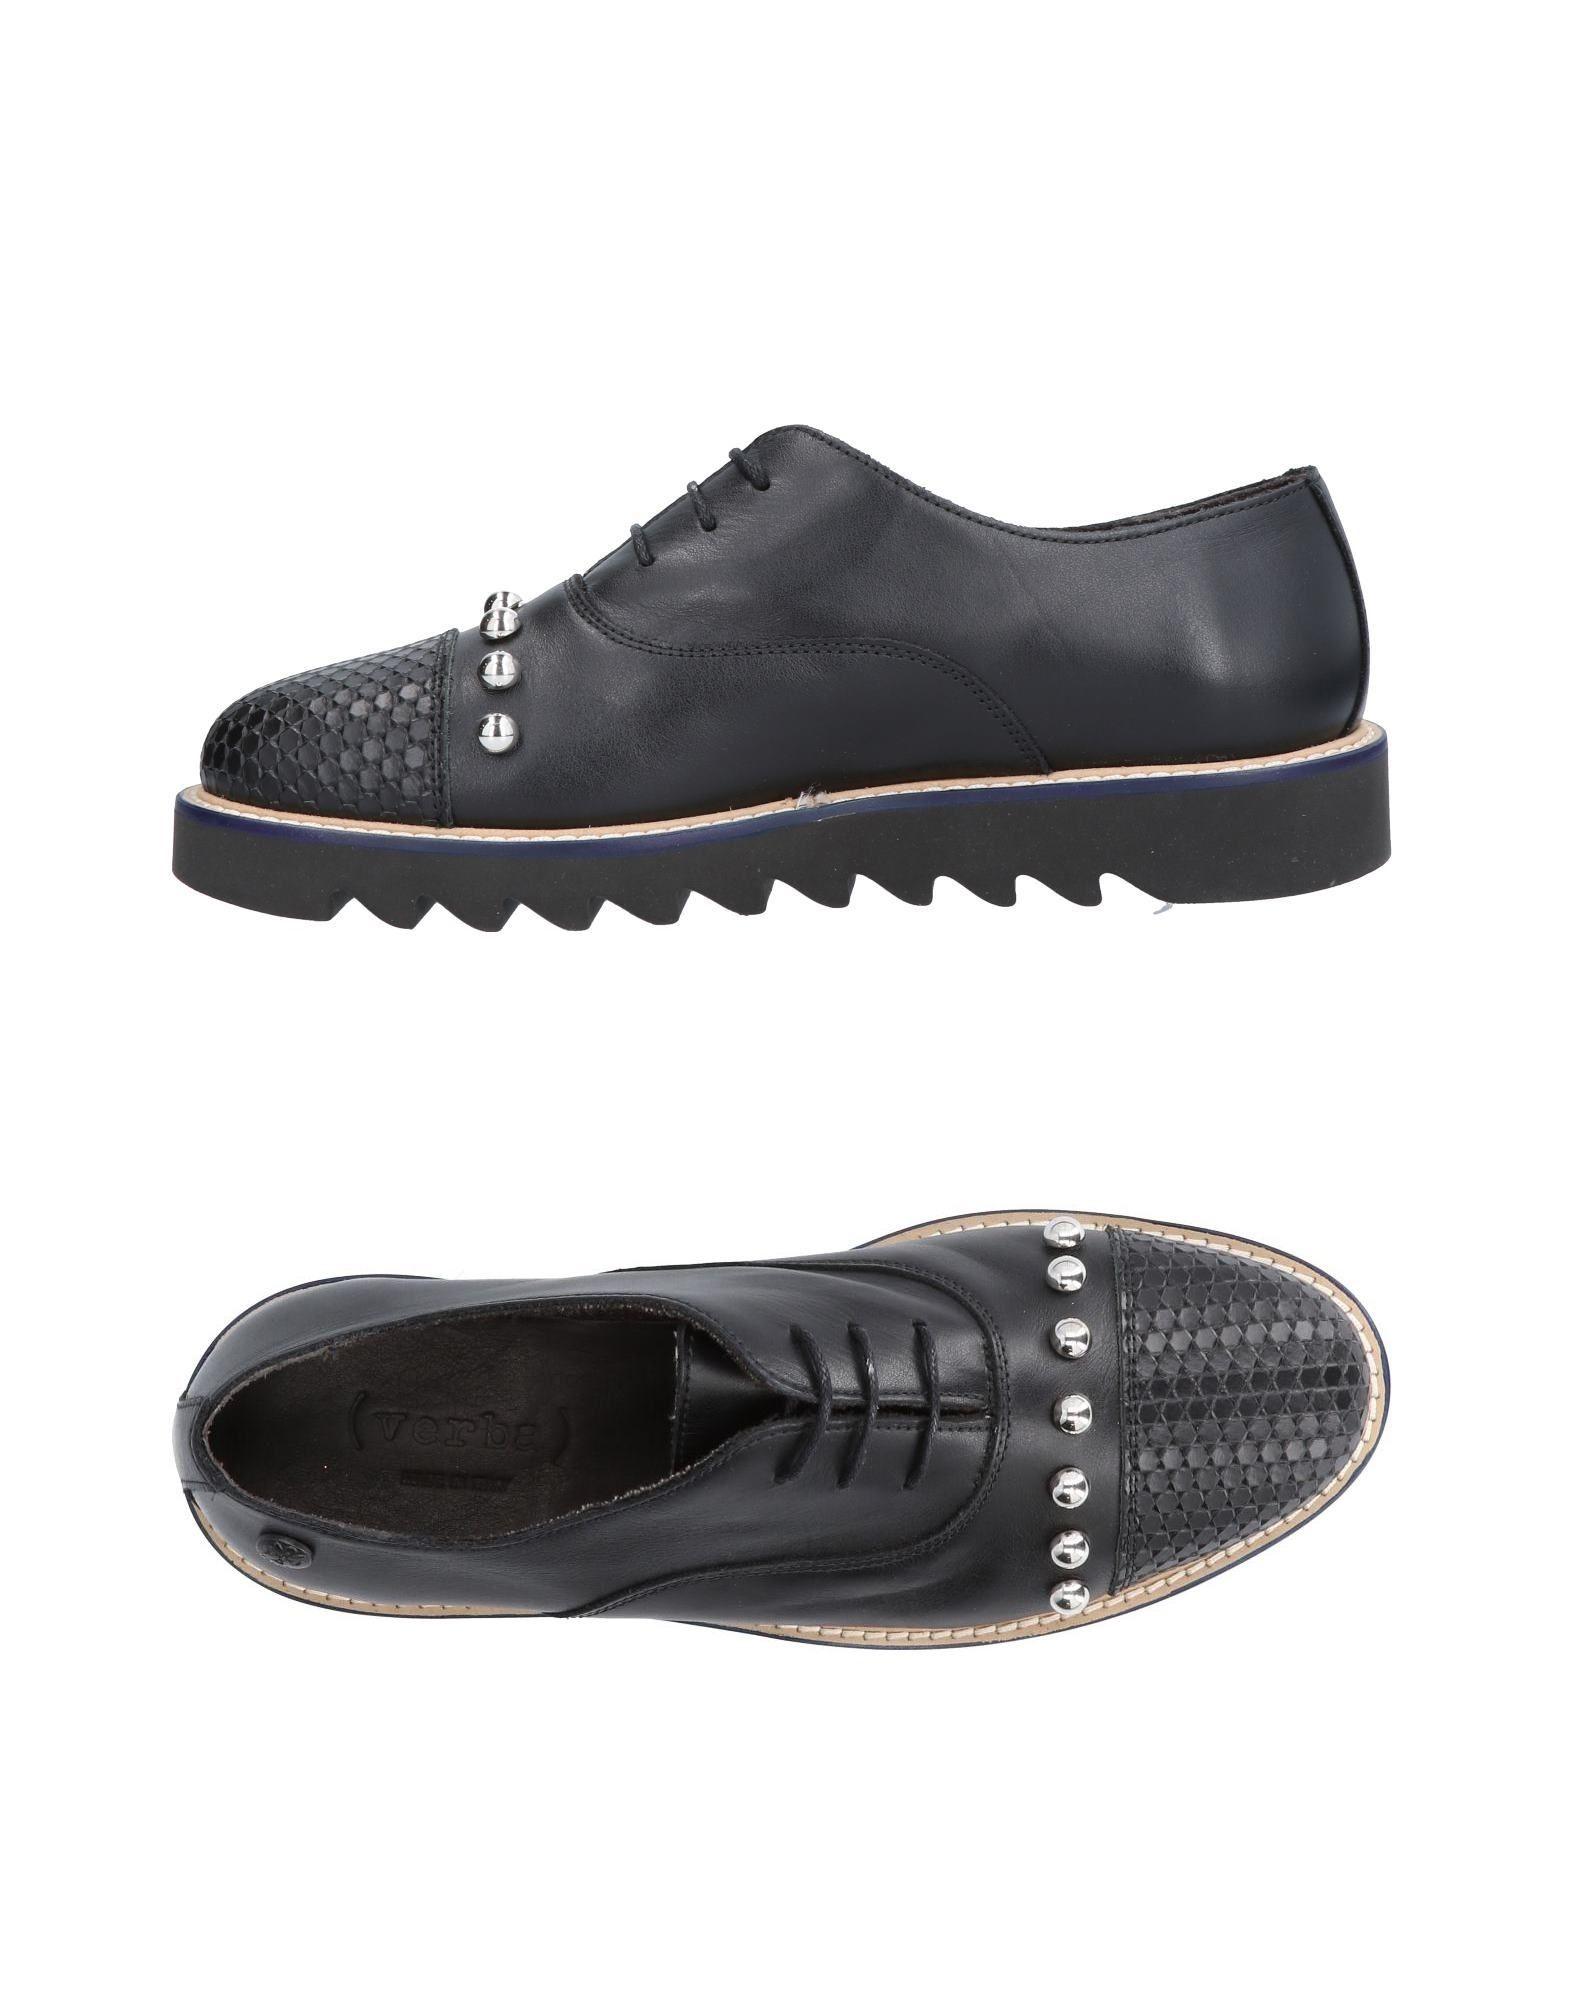 Rabatt echte Schuhe ( Verba ) Schnürschuhe Herren  11484377EG